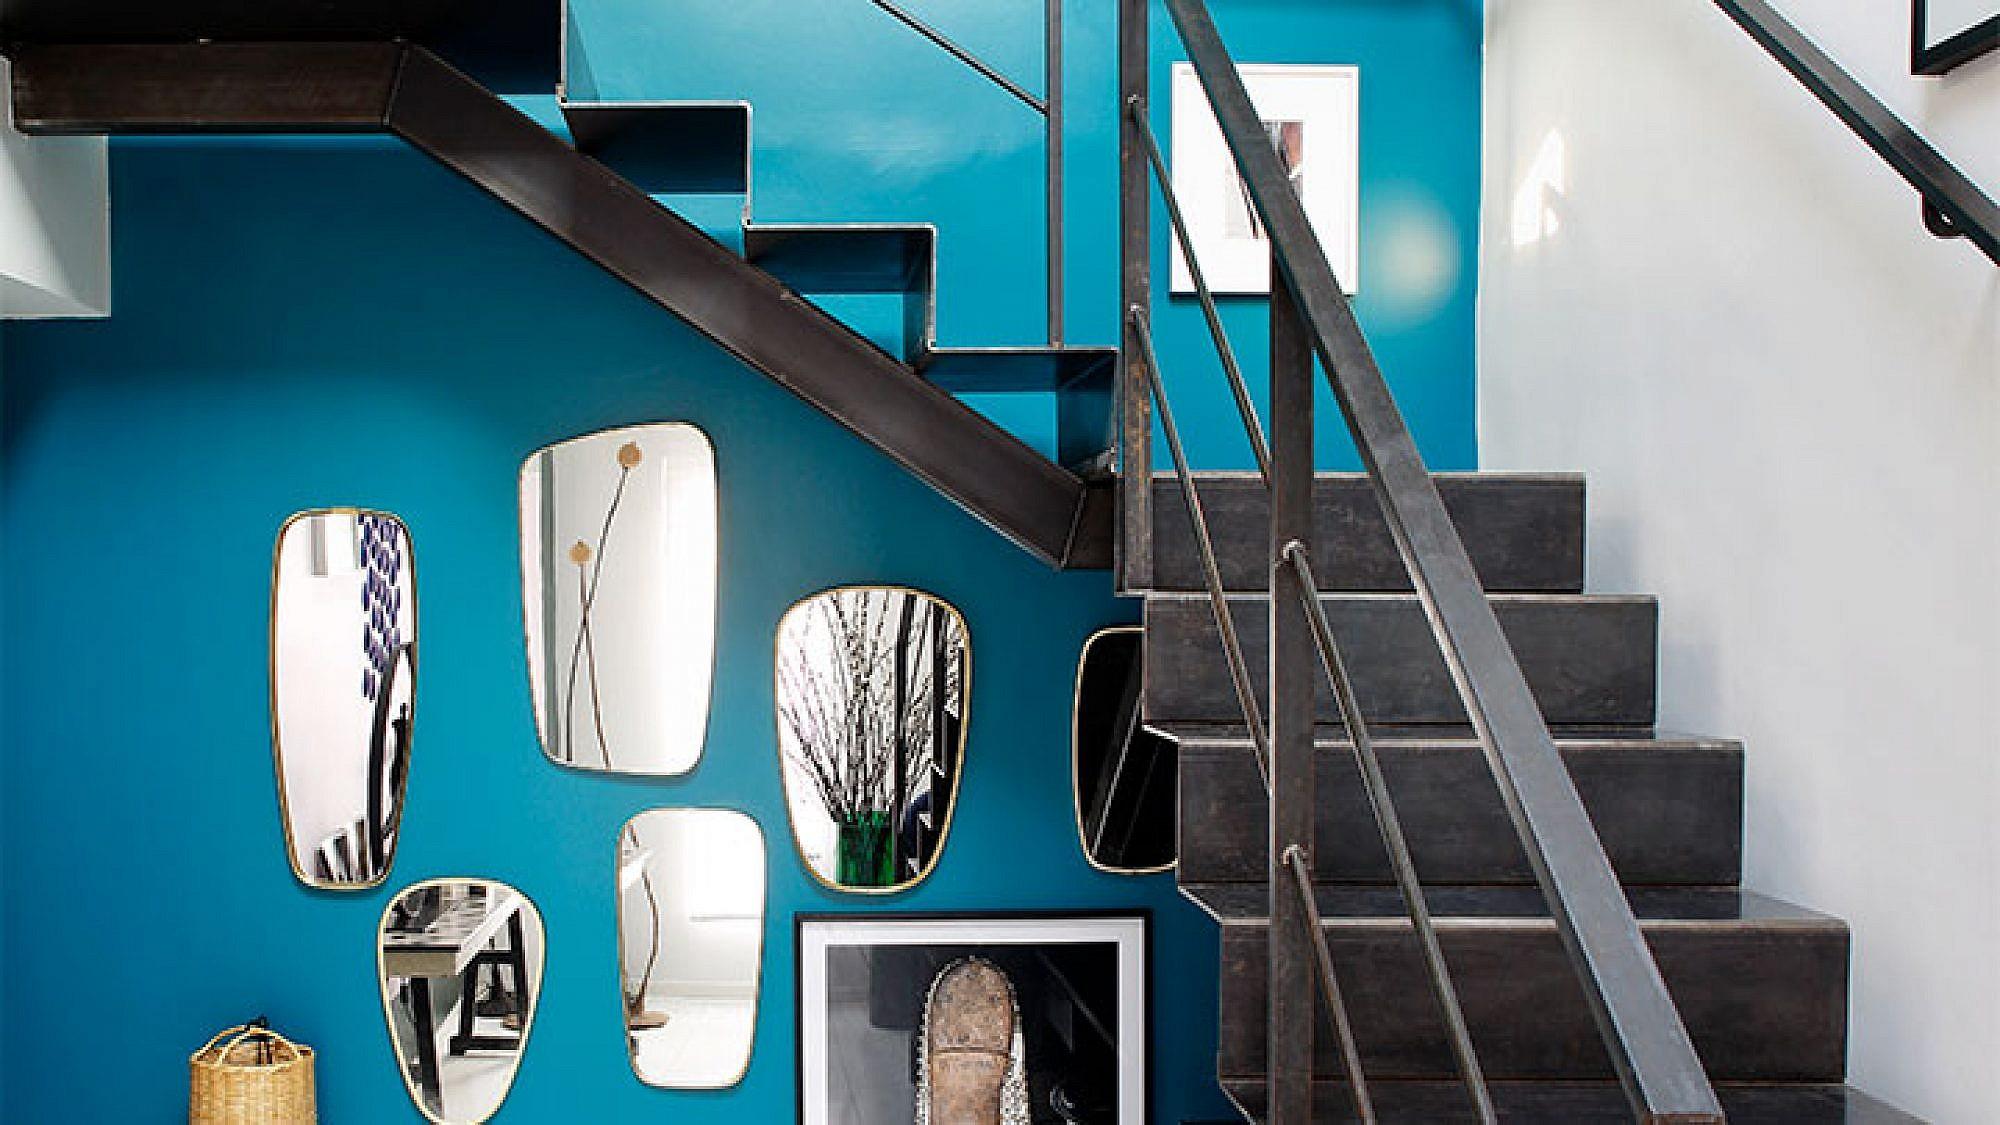 בכניסה המרשימה לבית שולבו מגוון אלמנטים הלוכדים את תשומת הלב של הבאים, בהם מדרגות מתכת, קיר בגון טורקיז ואוסף מראות וינטג' | צילום: Francis Amiand